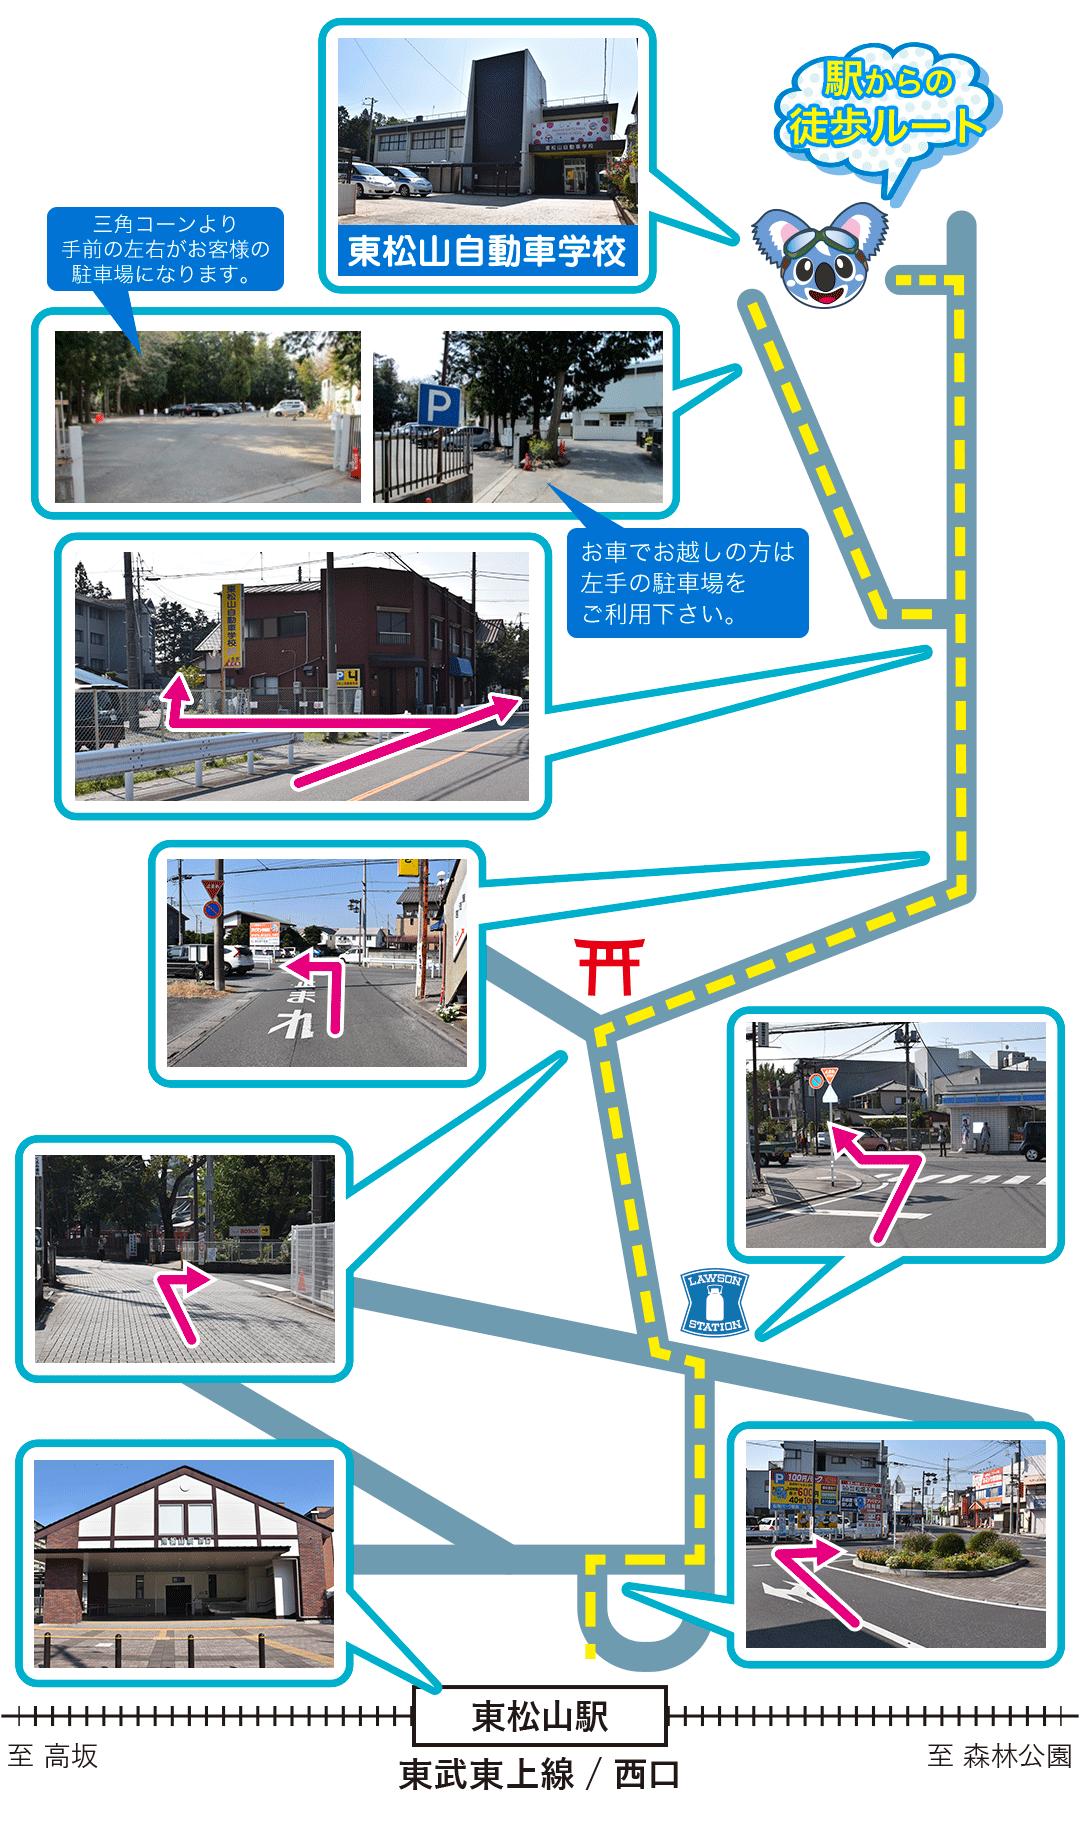 駅からの徒歩ルート 東松山自動車学校 お車でお越しの方は左手の駐車場をご利用ください。 三角コーンより手前の左右がお客様の駐車場になります。 東松山駅 東武東上線/西口 至高坂 至森林公園